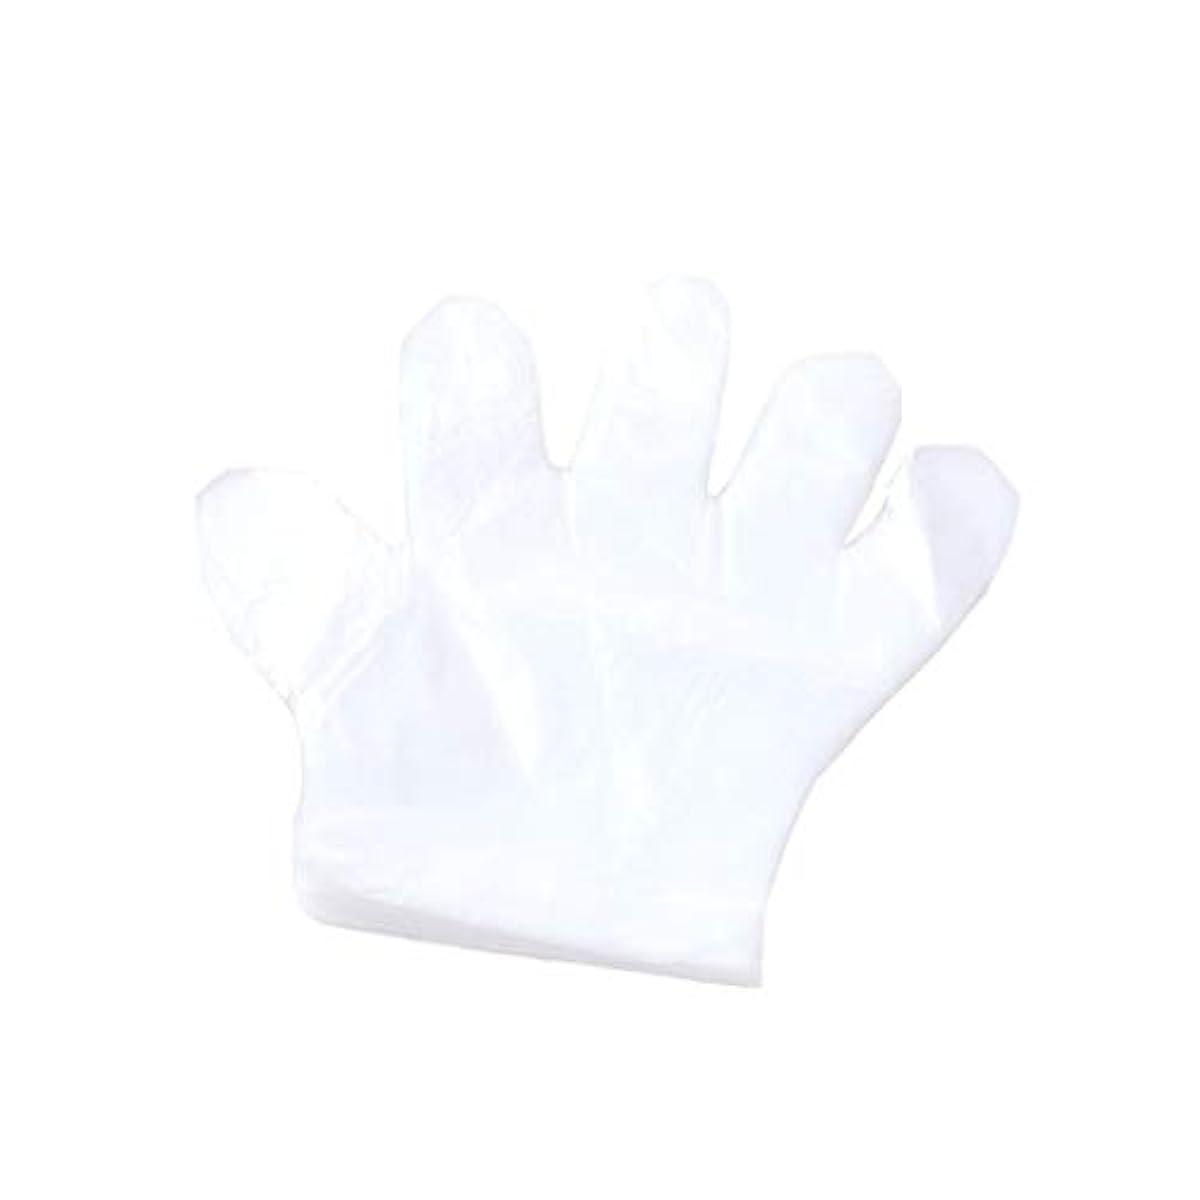 不透明な見える反逆者手袋、使い捨て手袋、プラスチック透明な使い捨て手袋、衛生的な食品、100スーツ。 (UnitCount : 2000only)